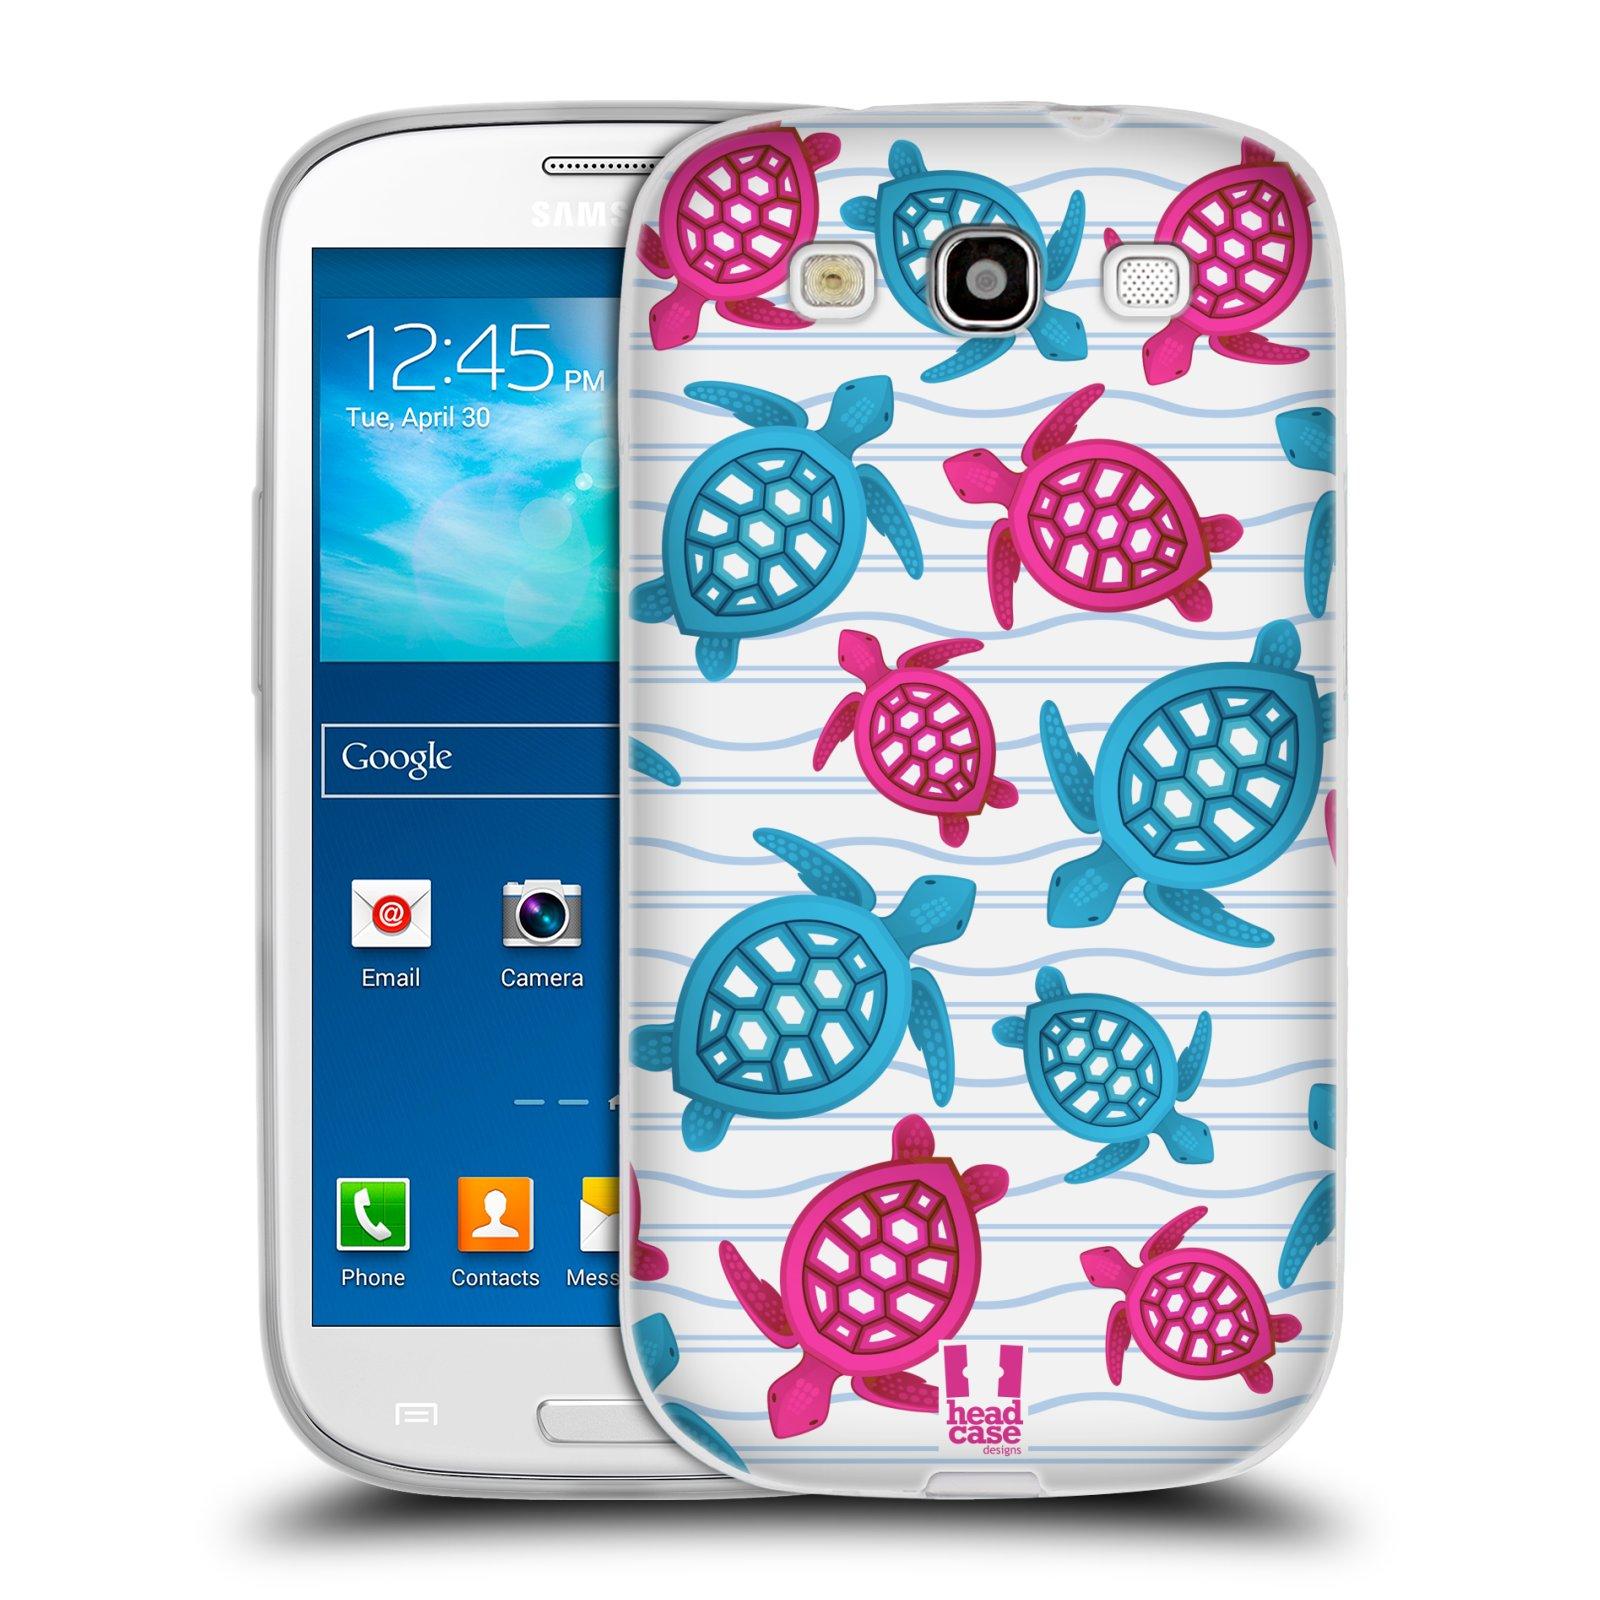 HEAD CASE silikonový obal na mobil Samsung Galaxy S3 i9300 vzor mořský živočich želva modrá a růžová